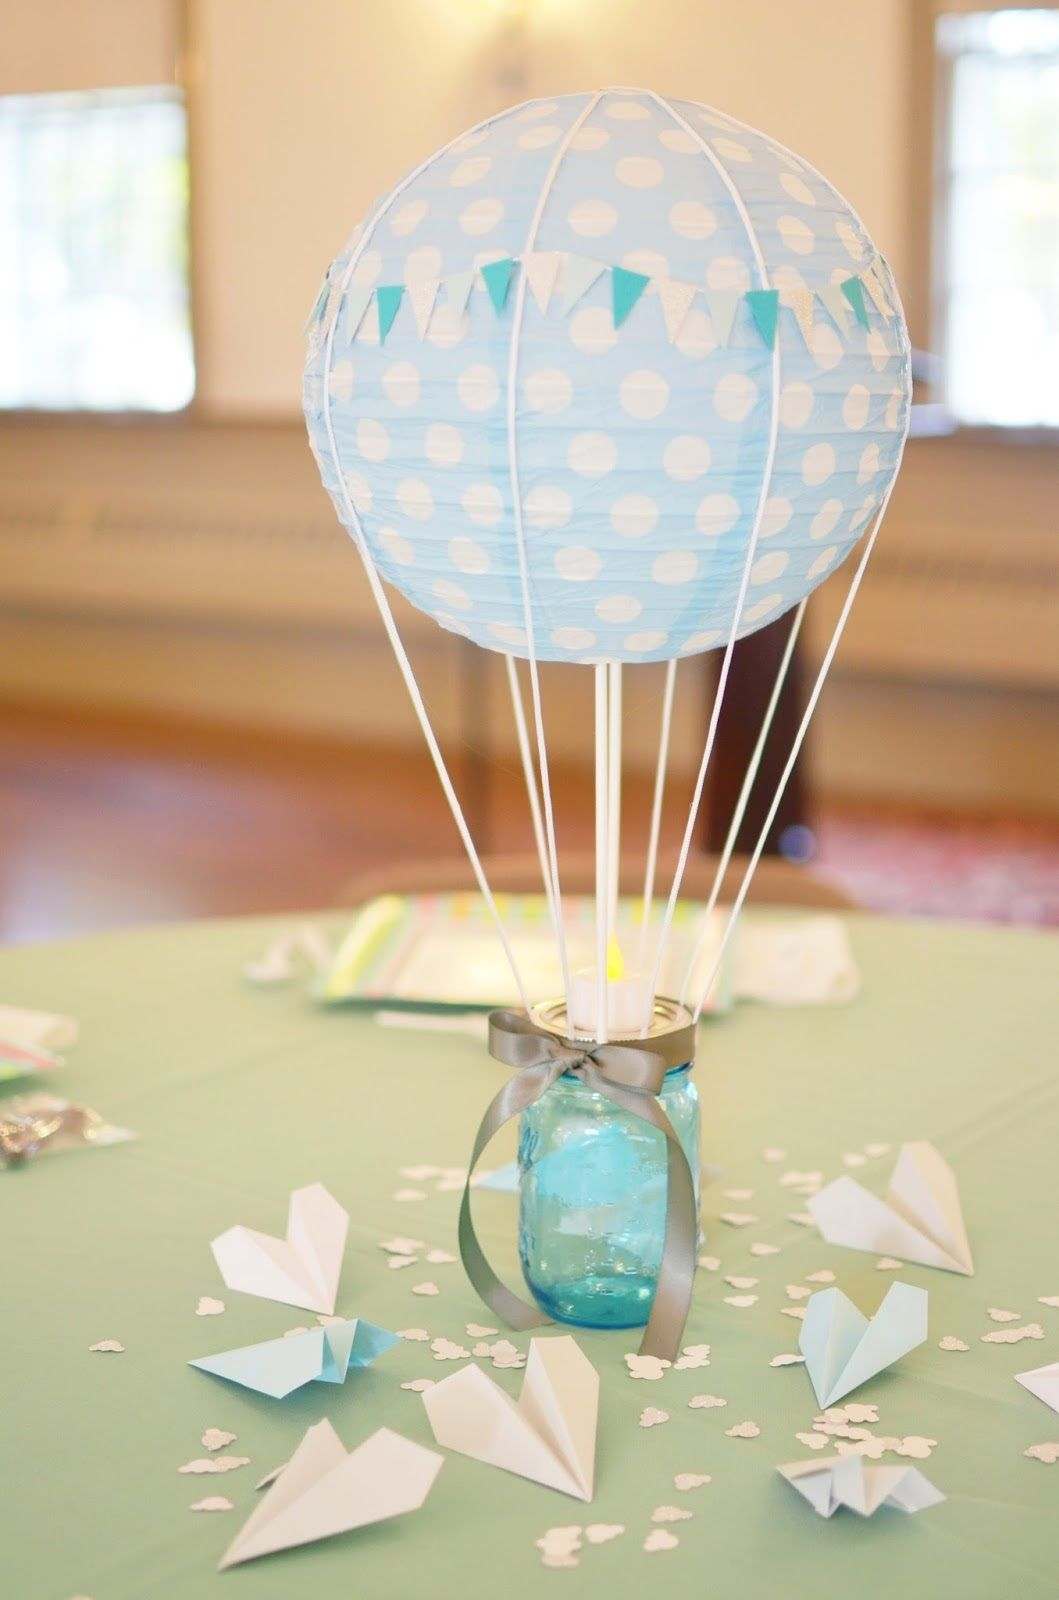 Balloon Centerpiece For Baby Shower : Globo centro de mesa detalles regalos infantiles pinterest